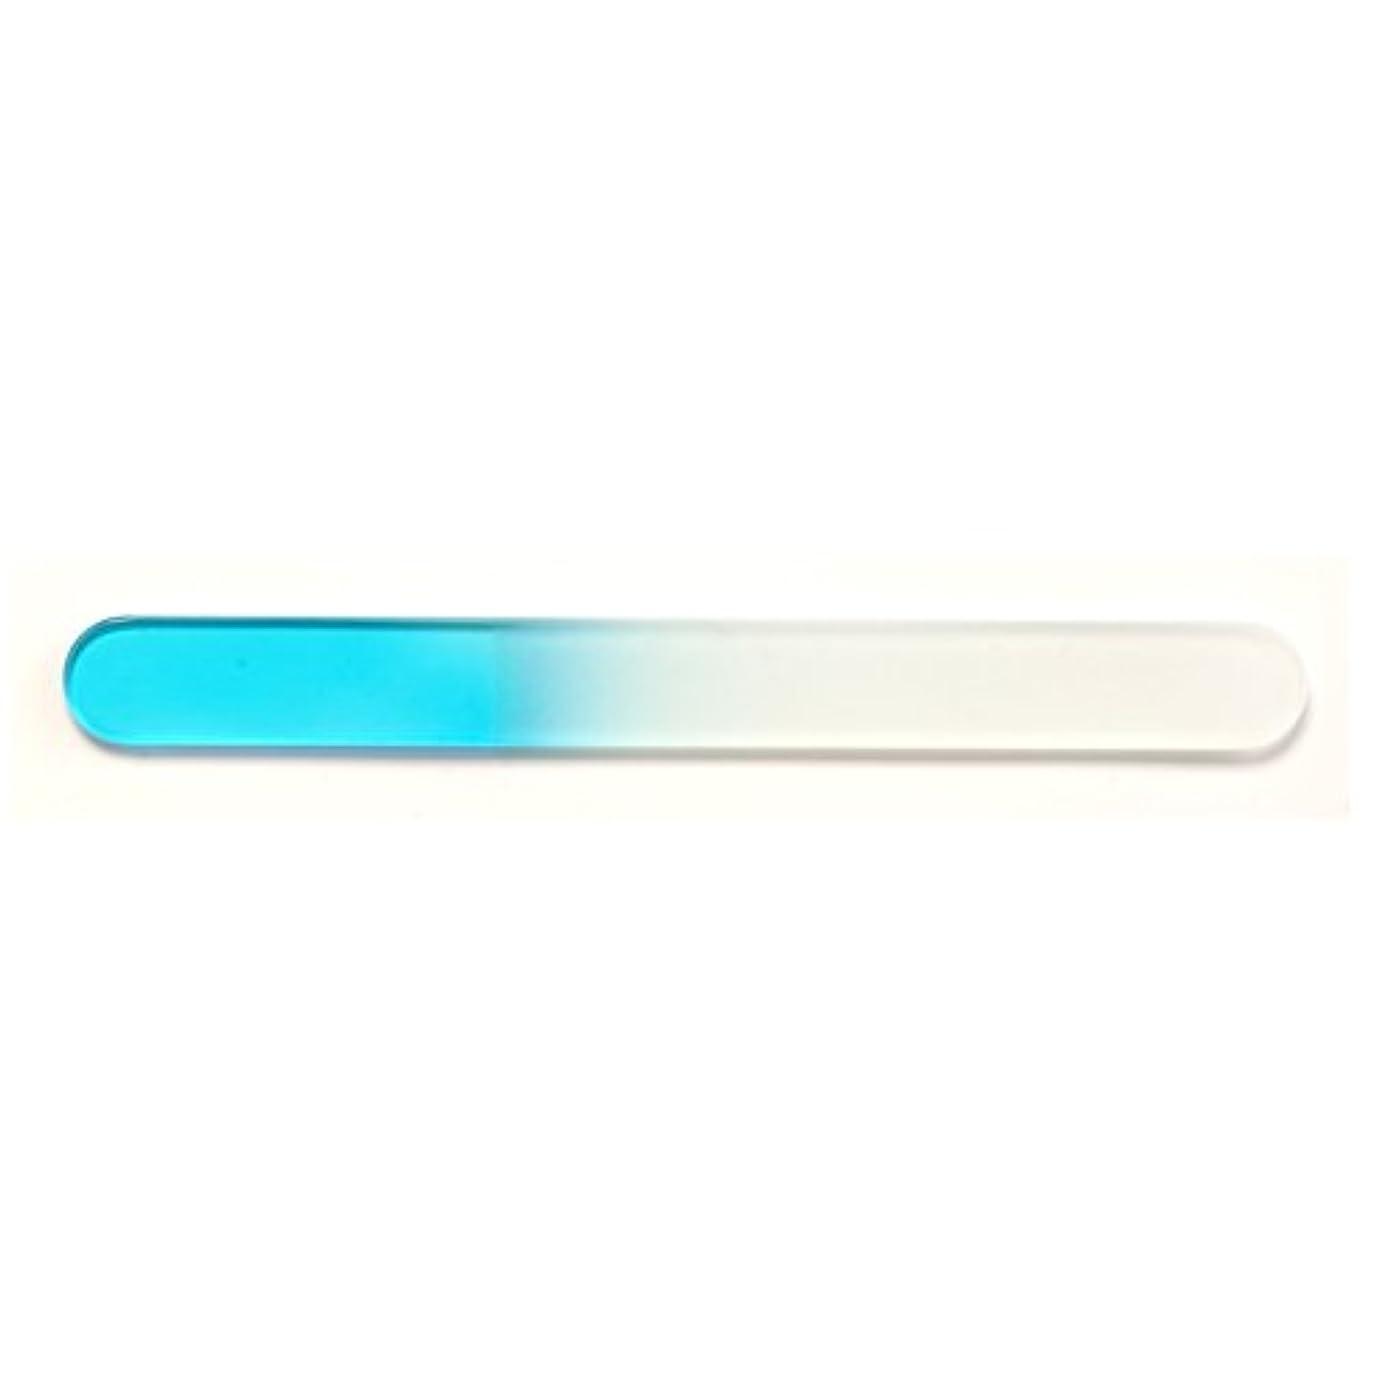 討論インターネット焦げMY GEL(マイジェル) 29グラスファイル 大 ブルー